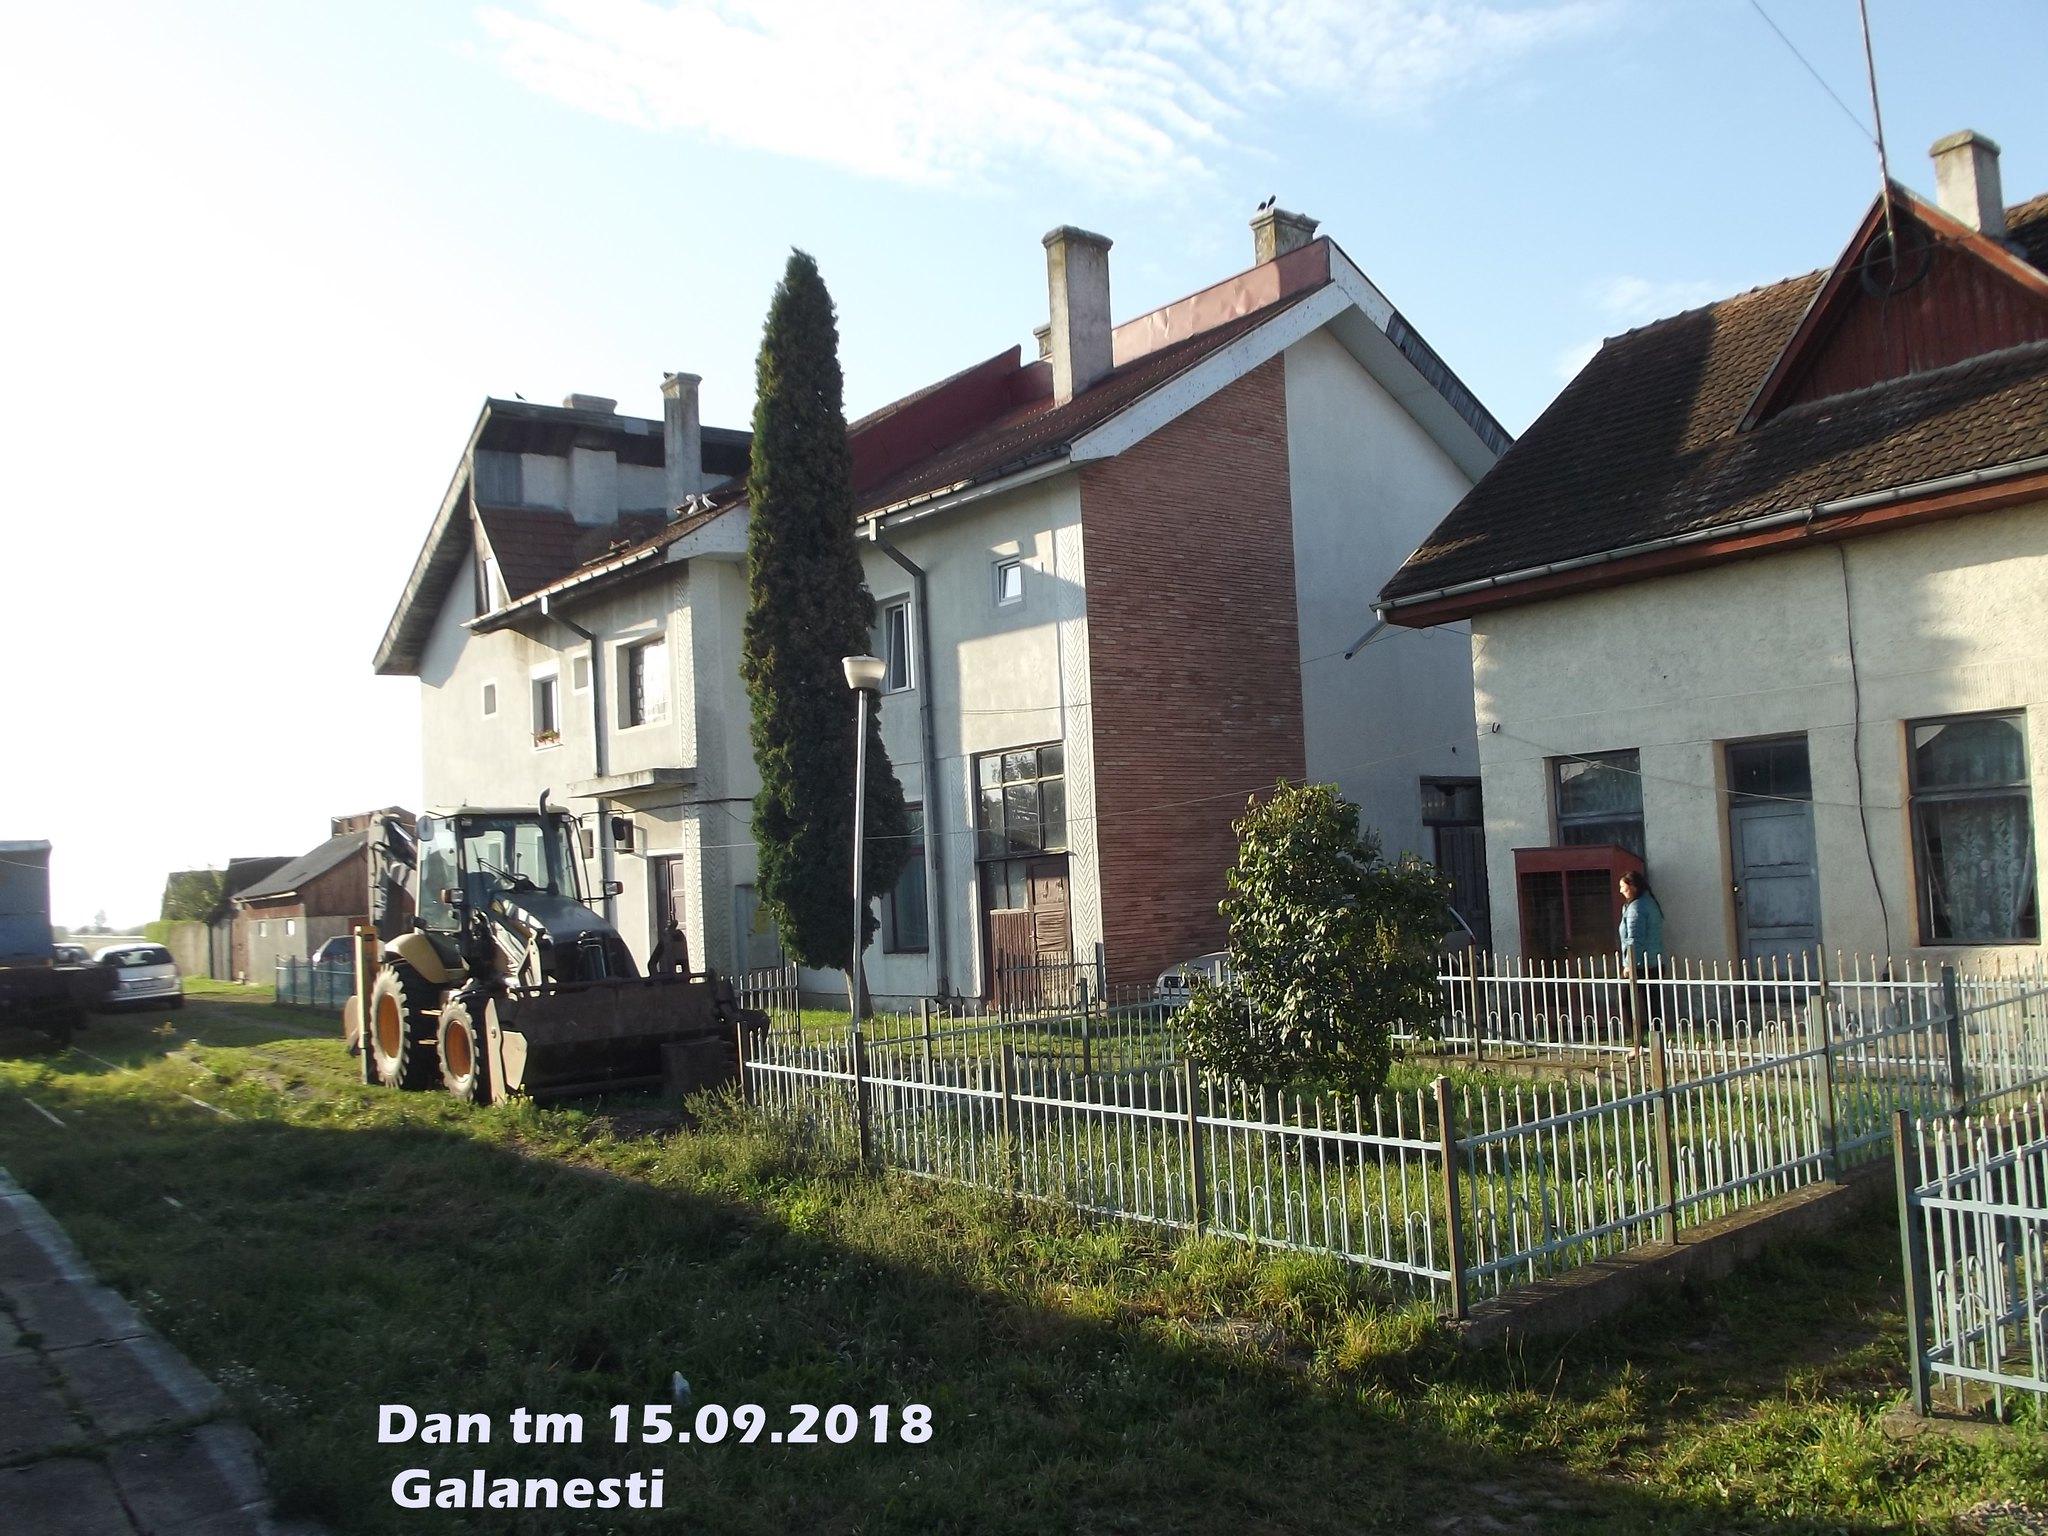 515 : Dorneşti - Gura Putnei - (Putna) - Nisipitu - Seletin UKR - Pagina 47 44685380852_c52d5f6335_k